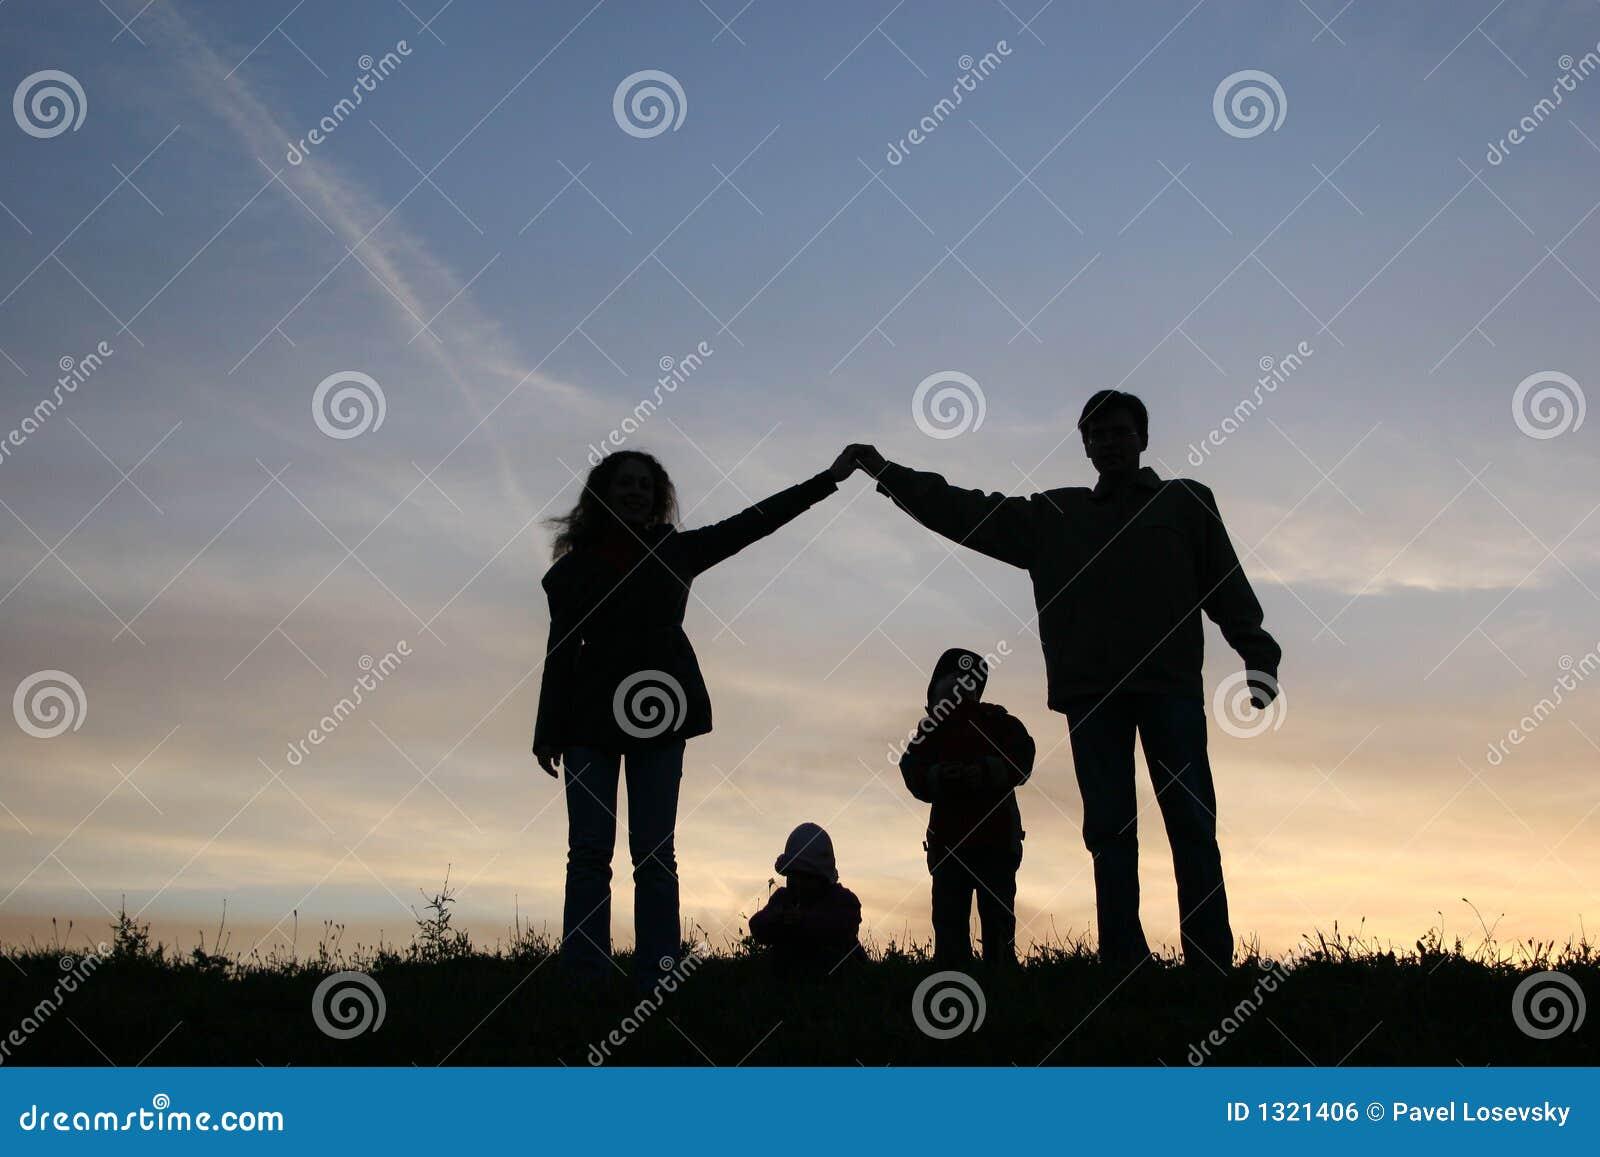 silhouette-family-house-1321406.jpg